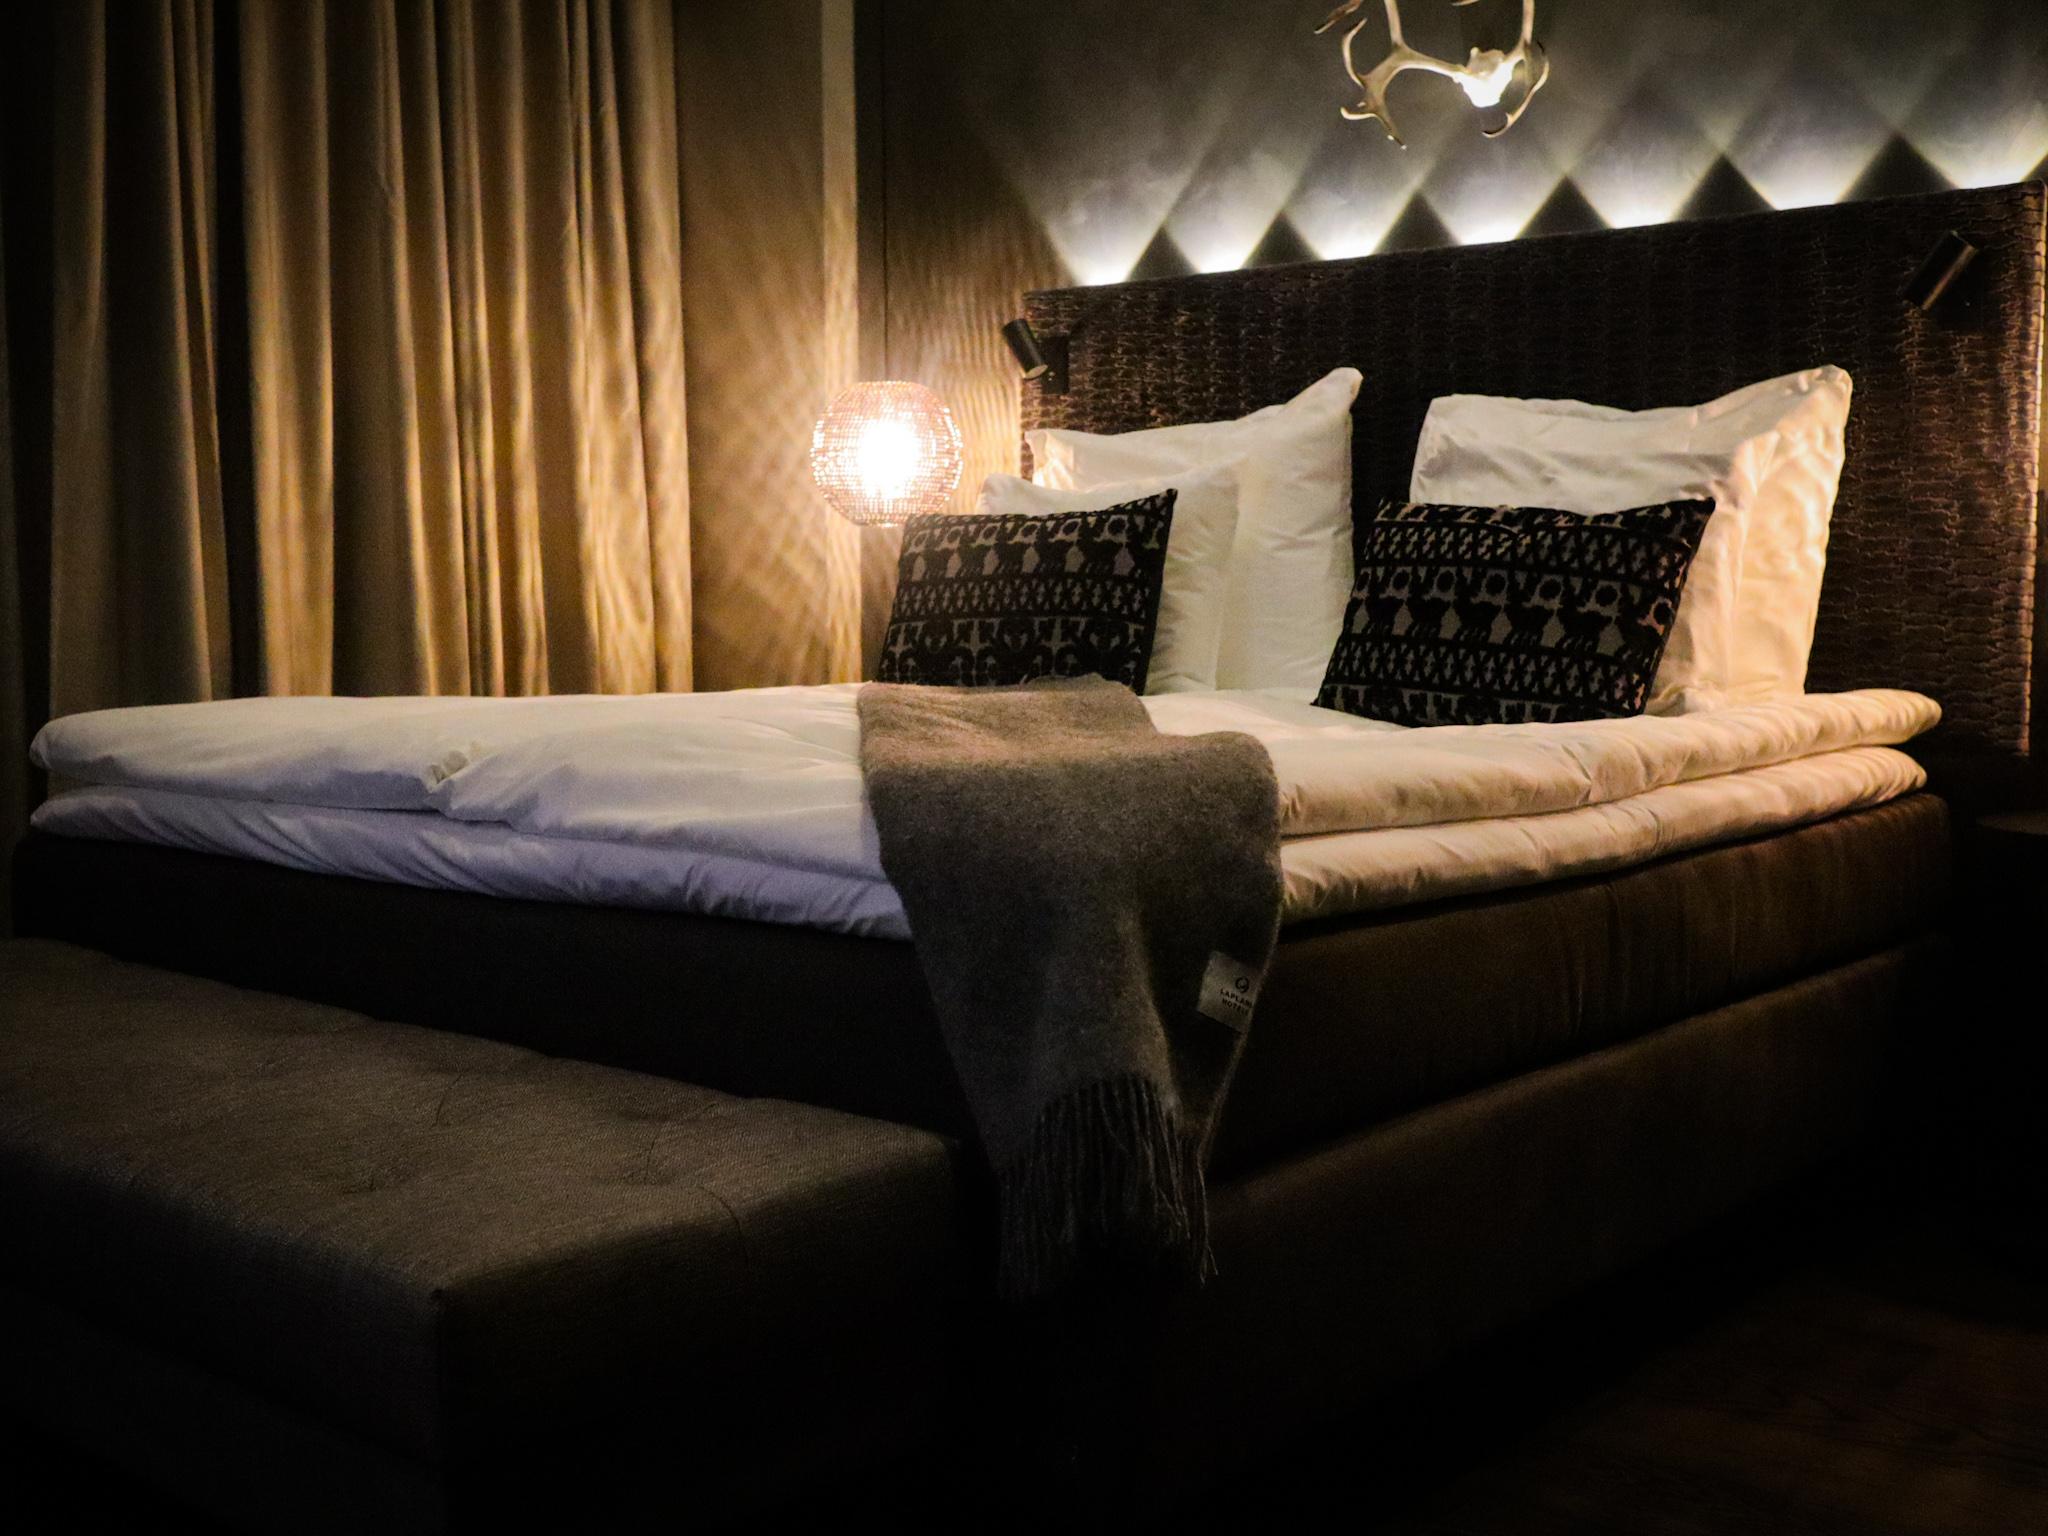 lapland hotels kokemus